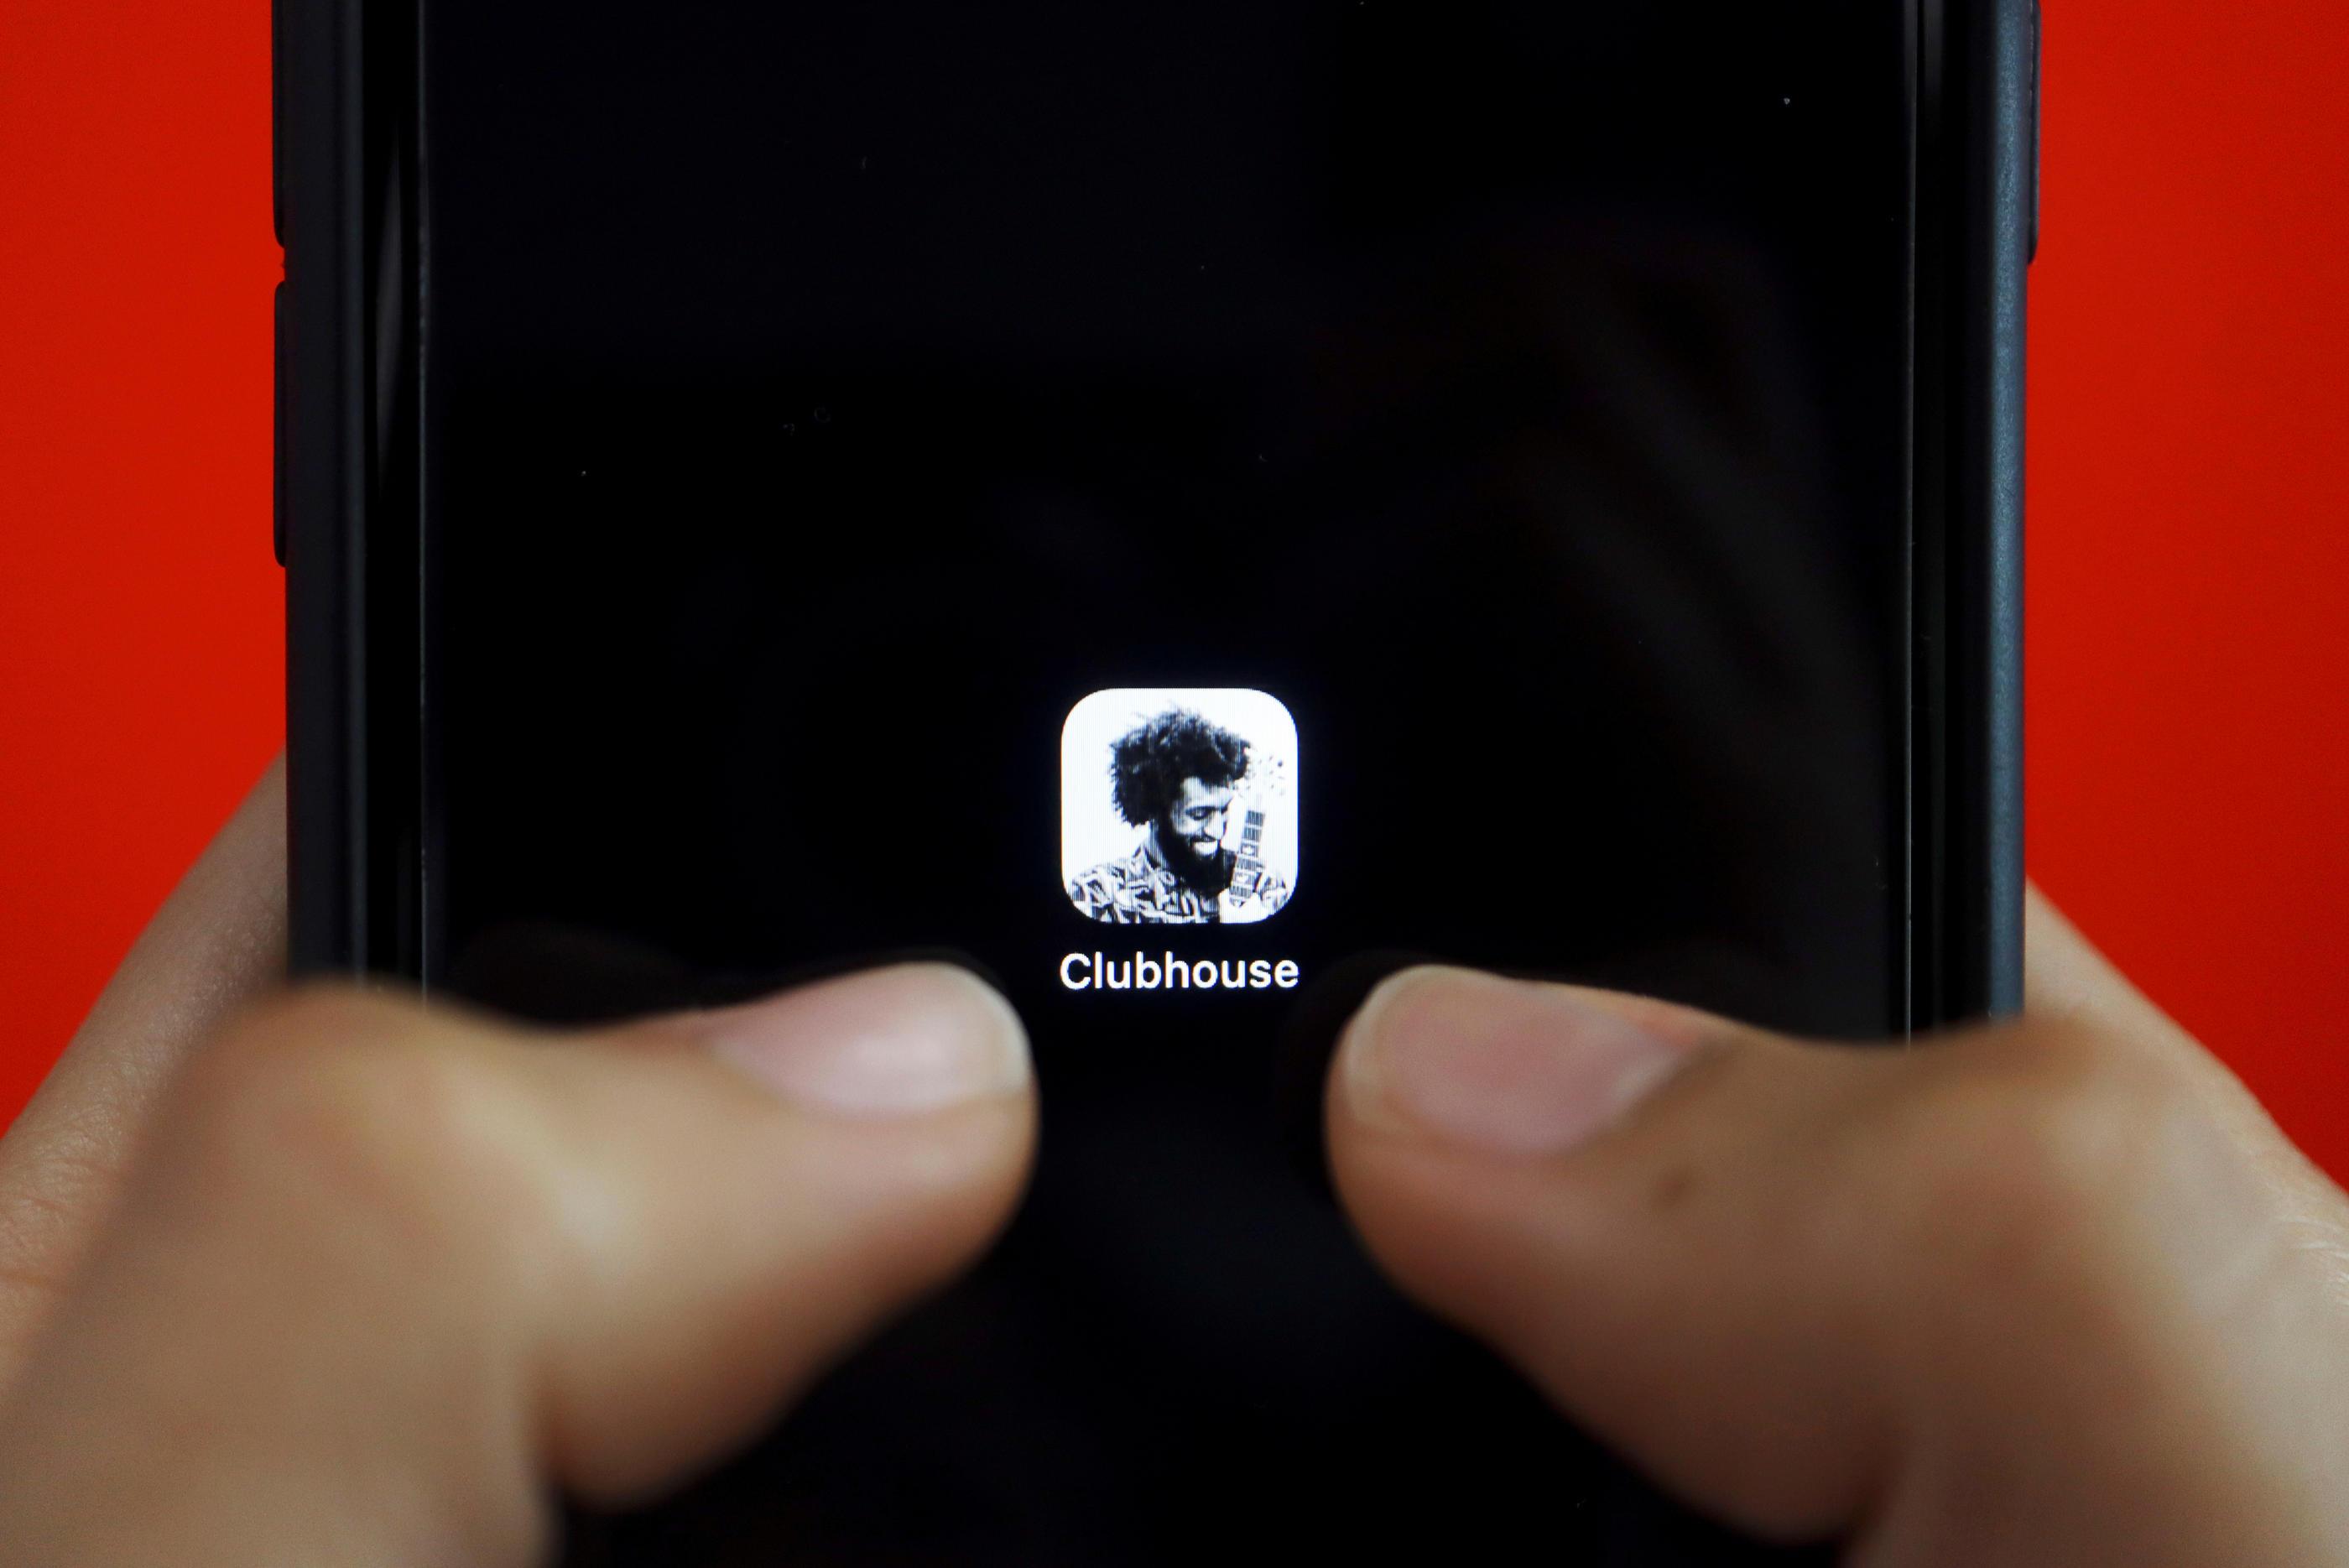 C'est quoi Clubhouse, le réseau social hyper sélectif qui intrigue ? - Le Parisien